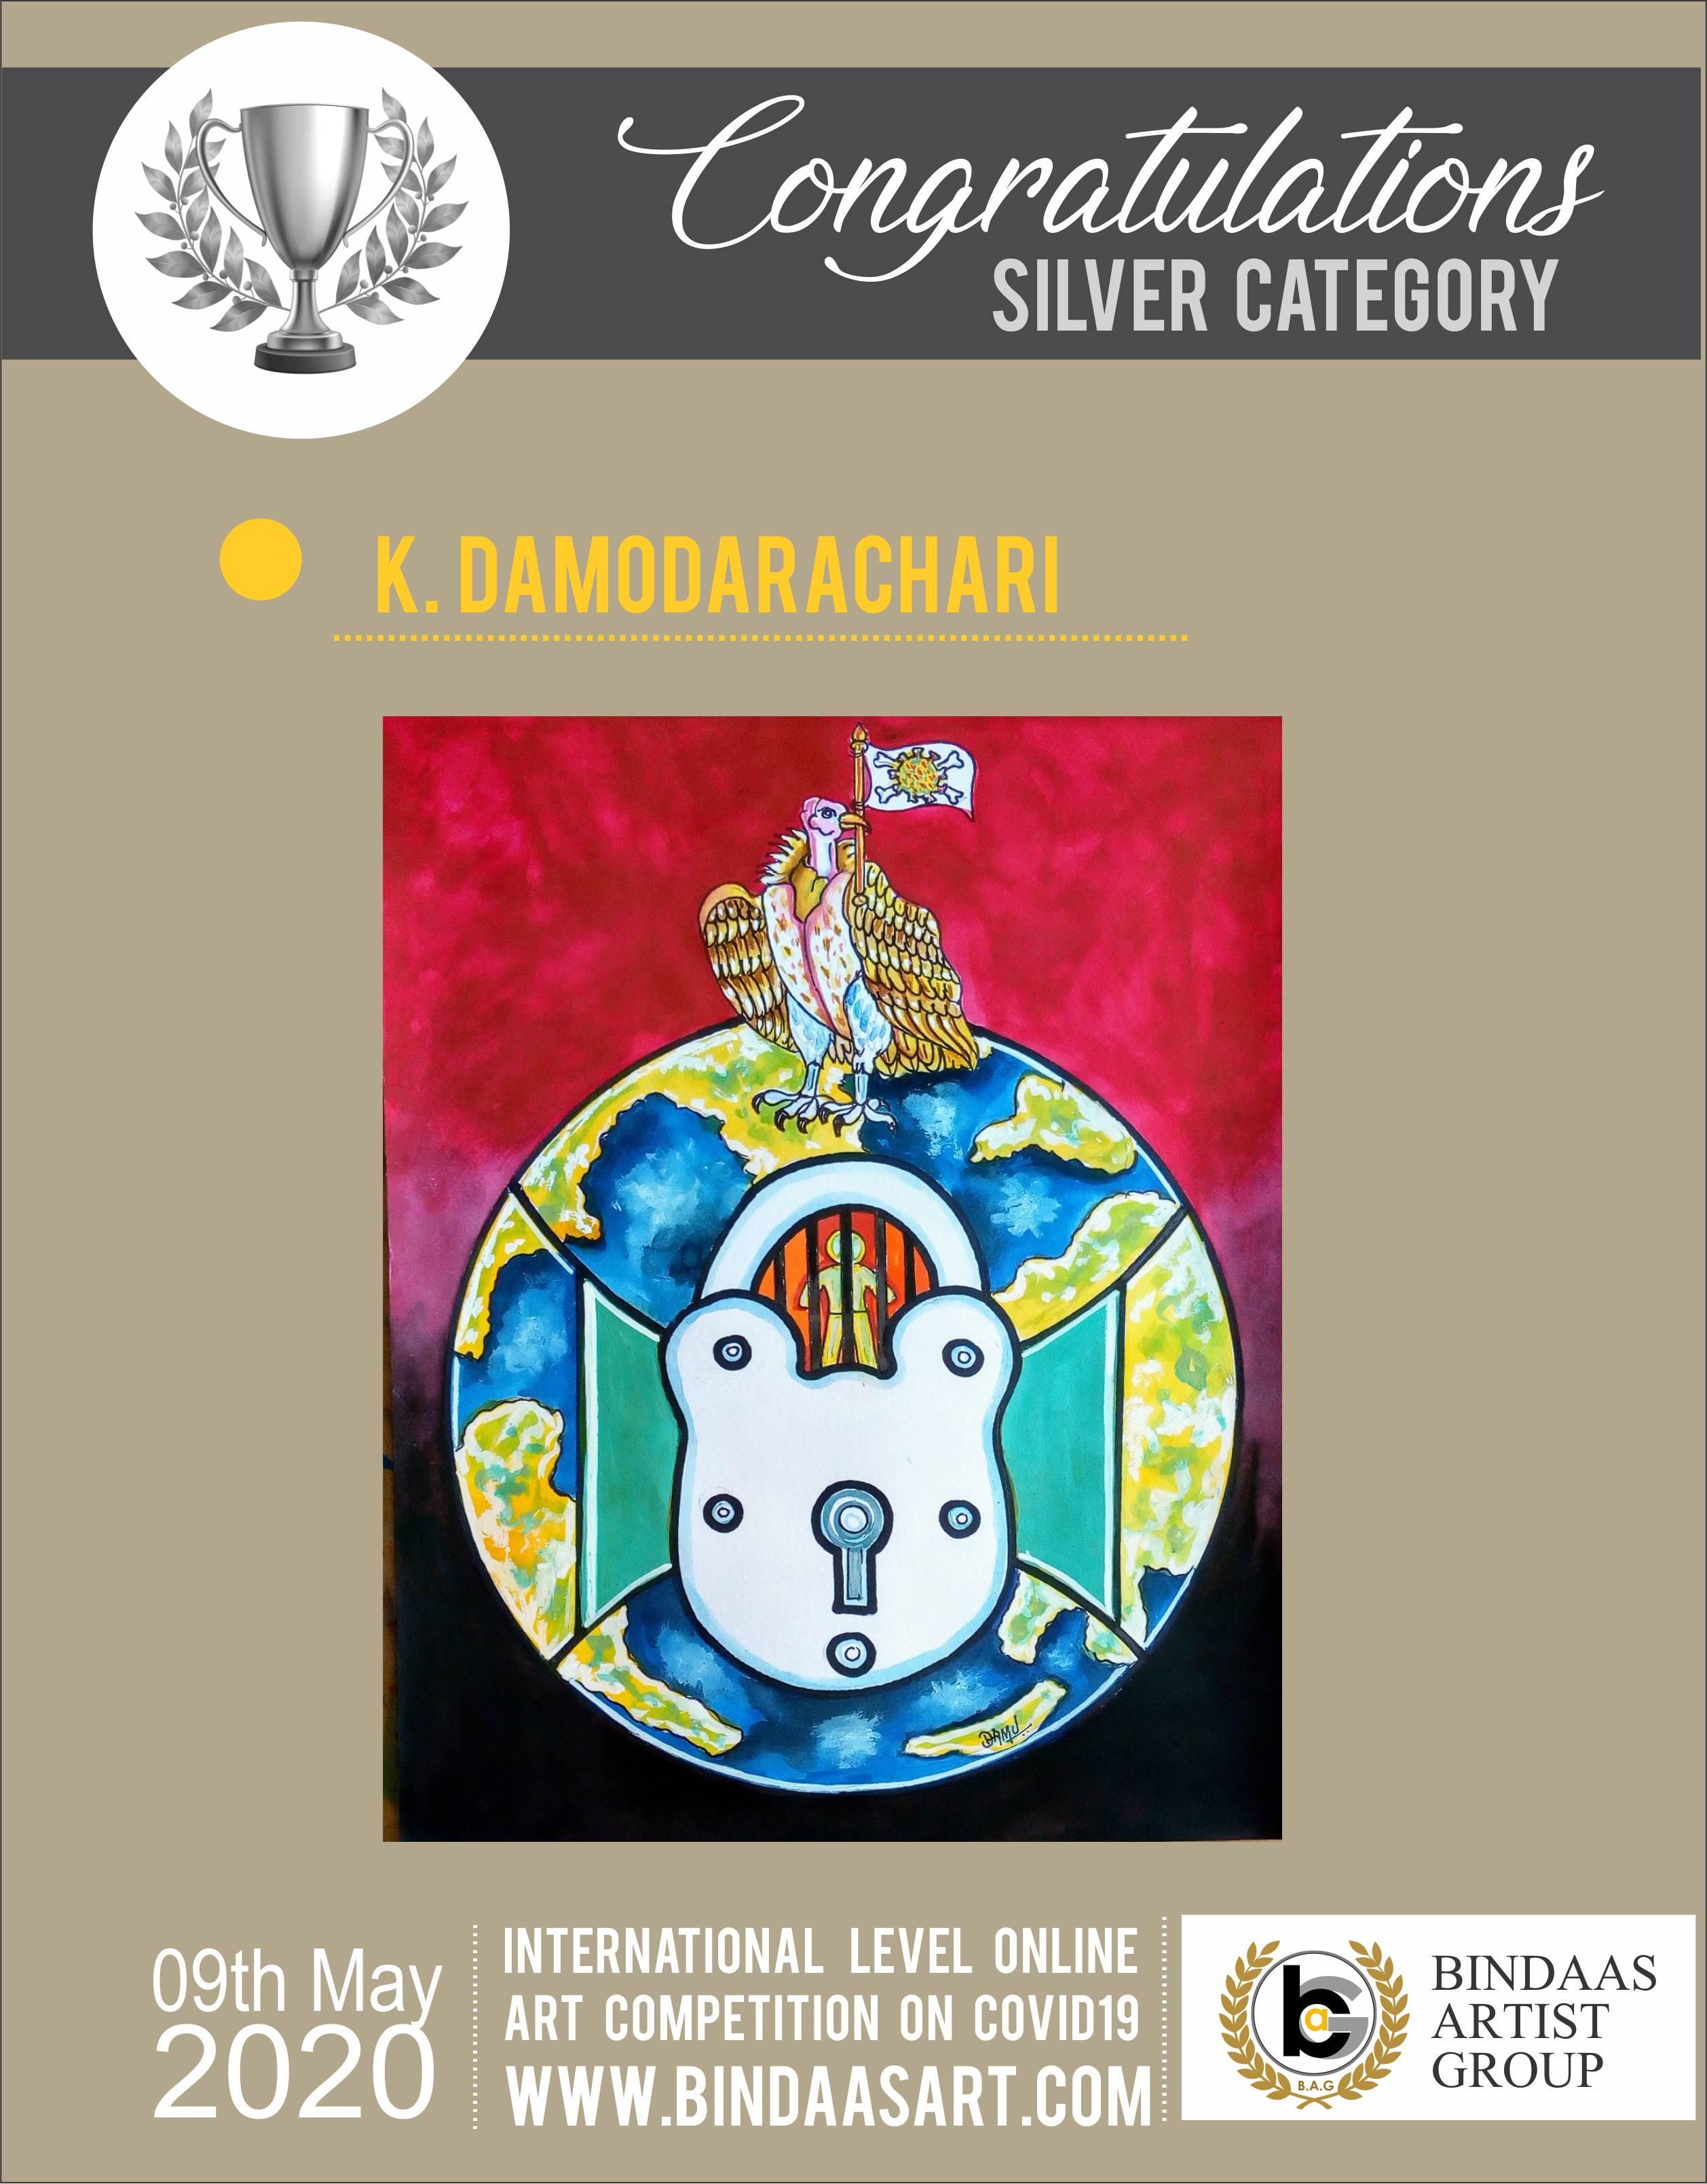 K.Damodarachari